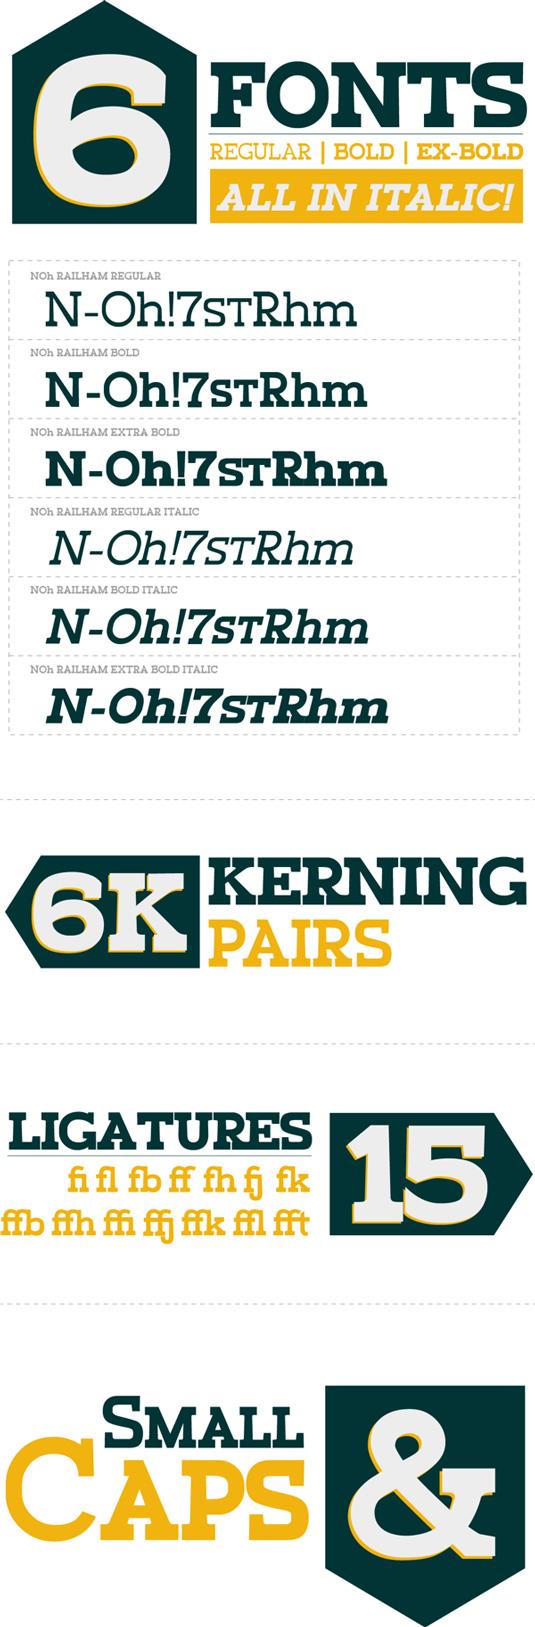 Free fonts: Railham